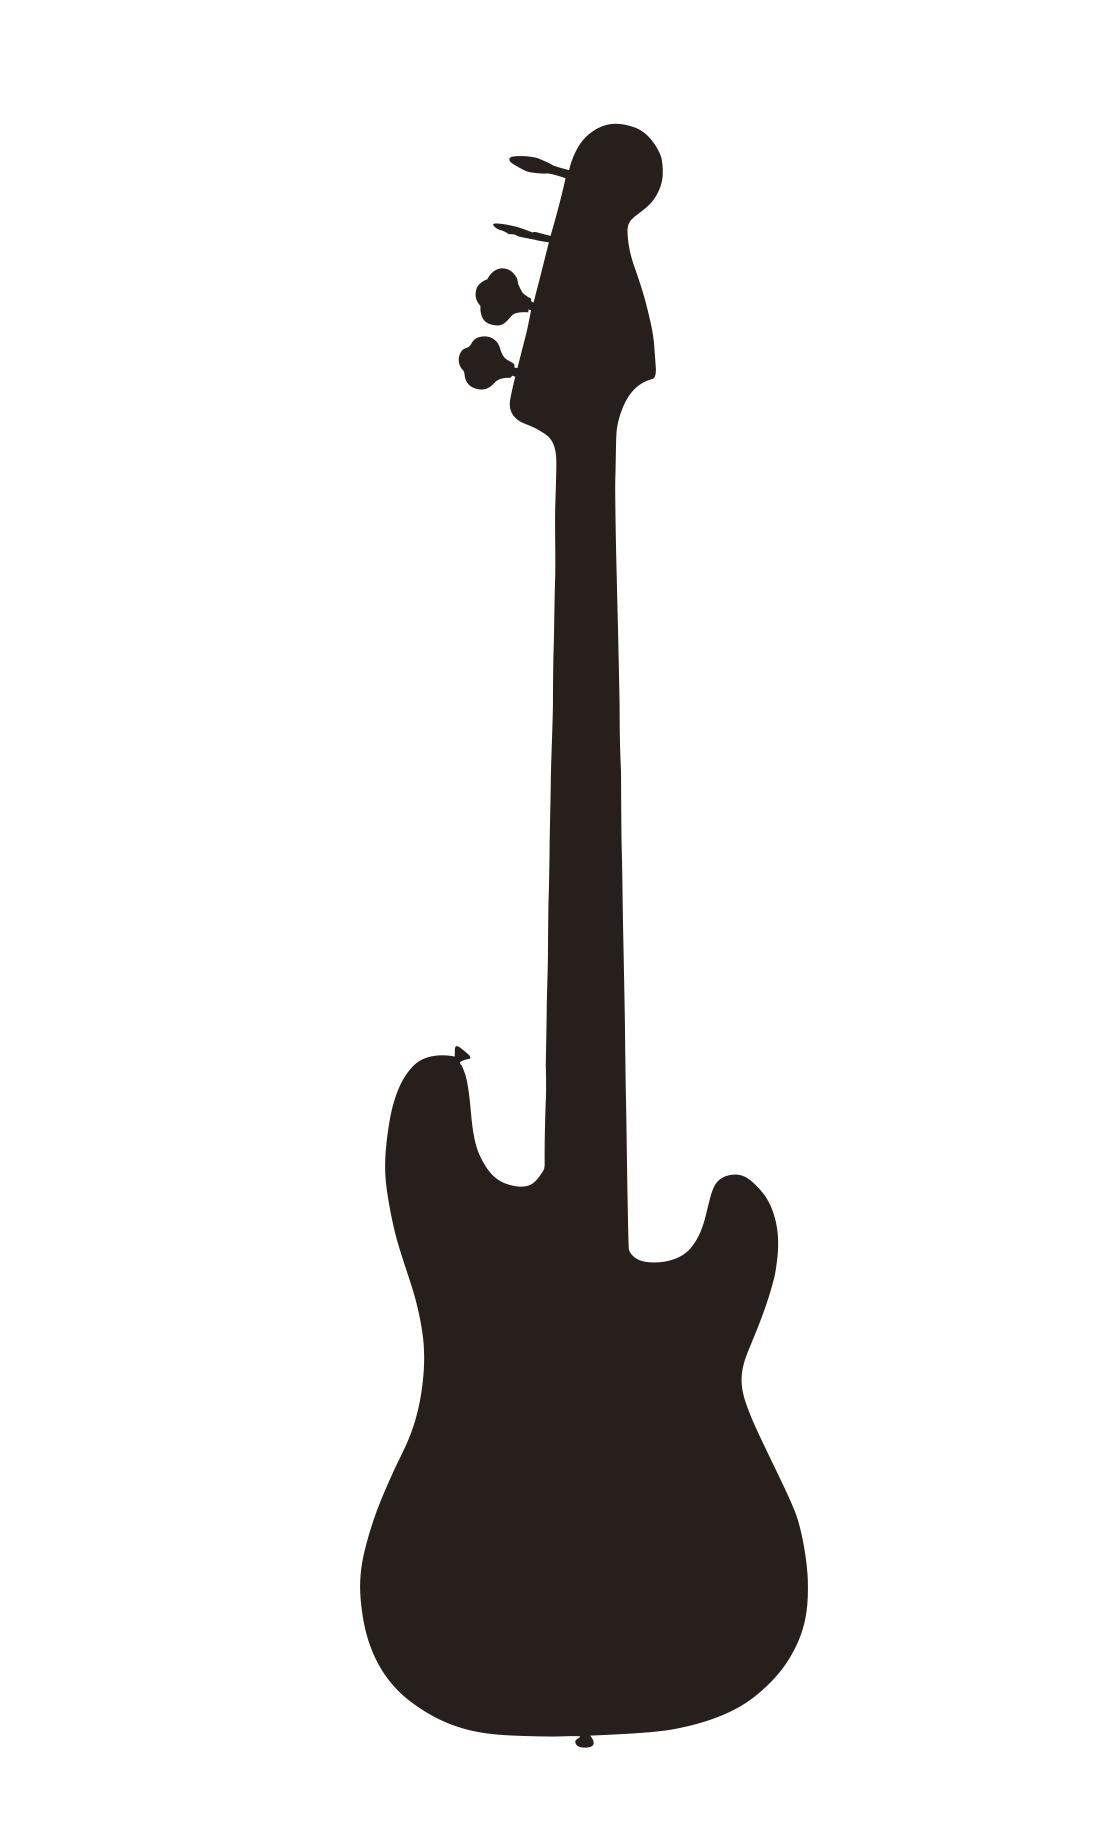 guitar silhouette clip art clipart best bass guitar clipart png electric bass guitar clipart